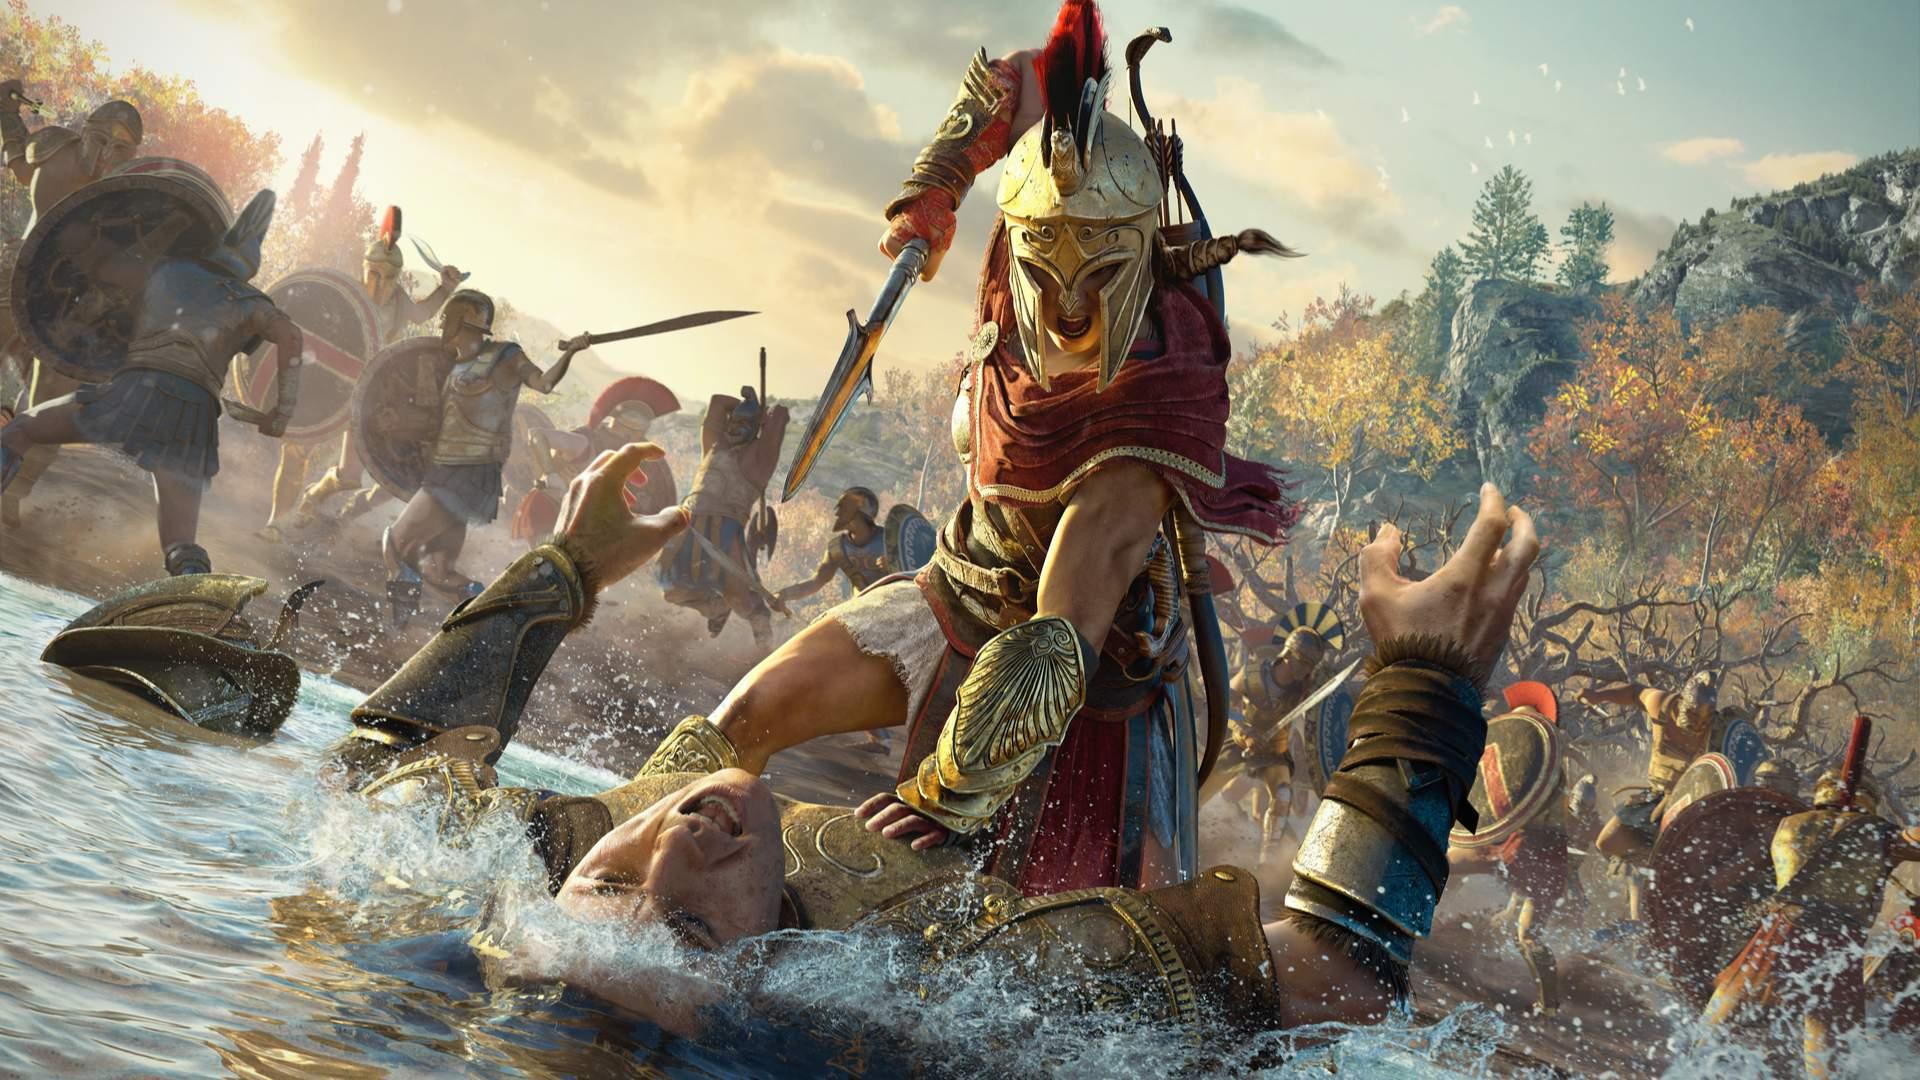 Assassin's Creed: Odyssey se passa antes mesmo dos assassinos e templários existirem (Fonte: Shutterstock/Choudhary s)